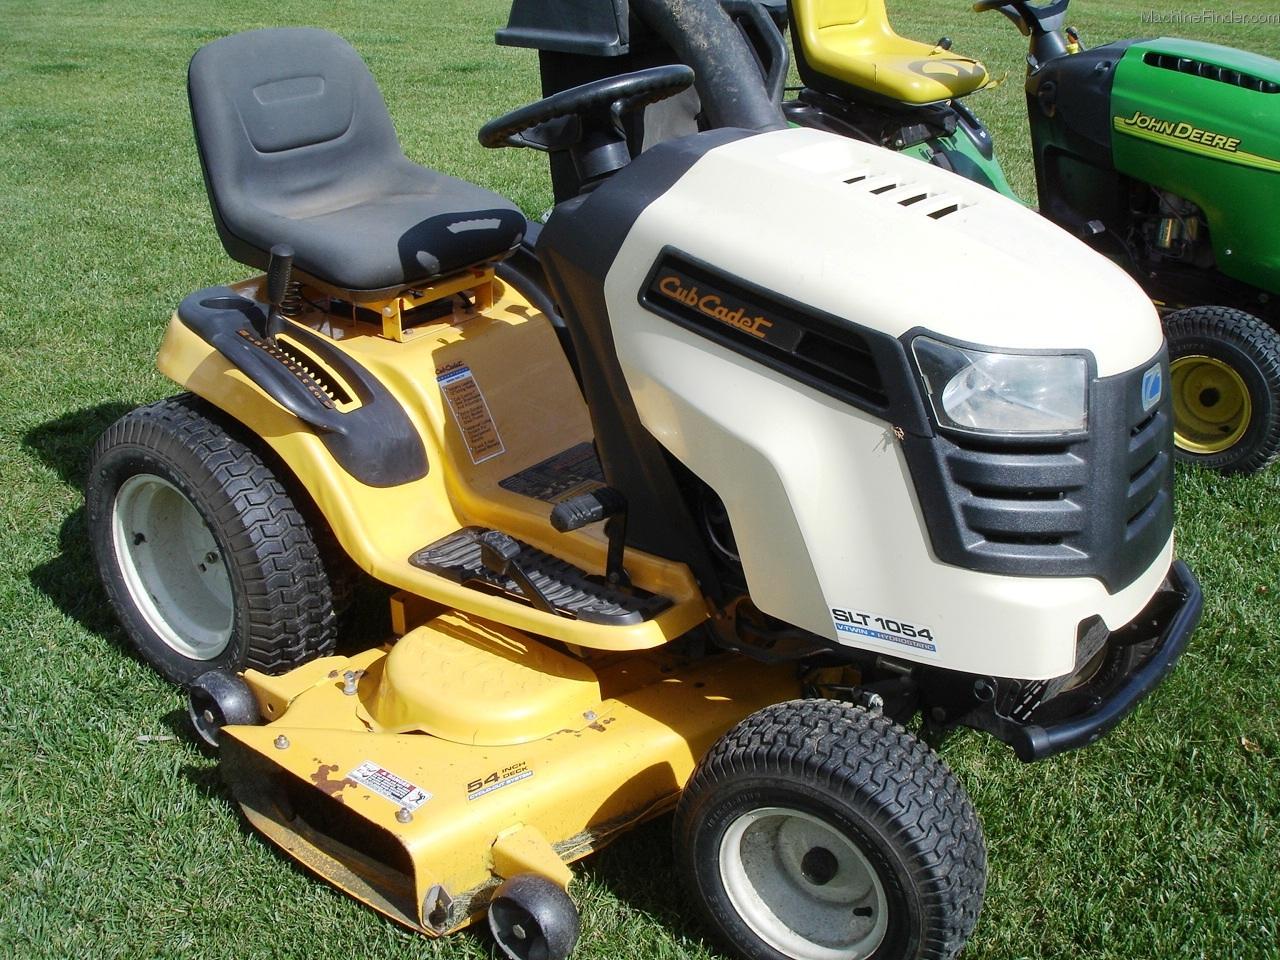 Cub Cadet Lawn Tractors 2010 : Cub cadet slt lawn garden and commercial mowing